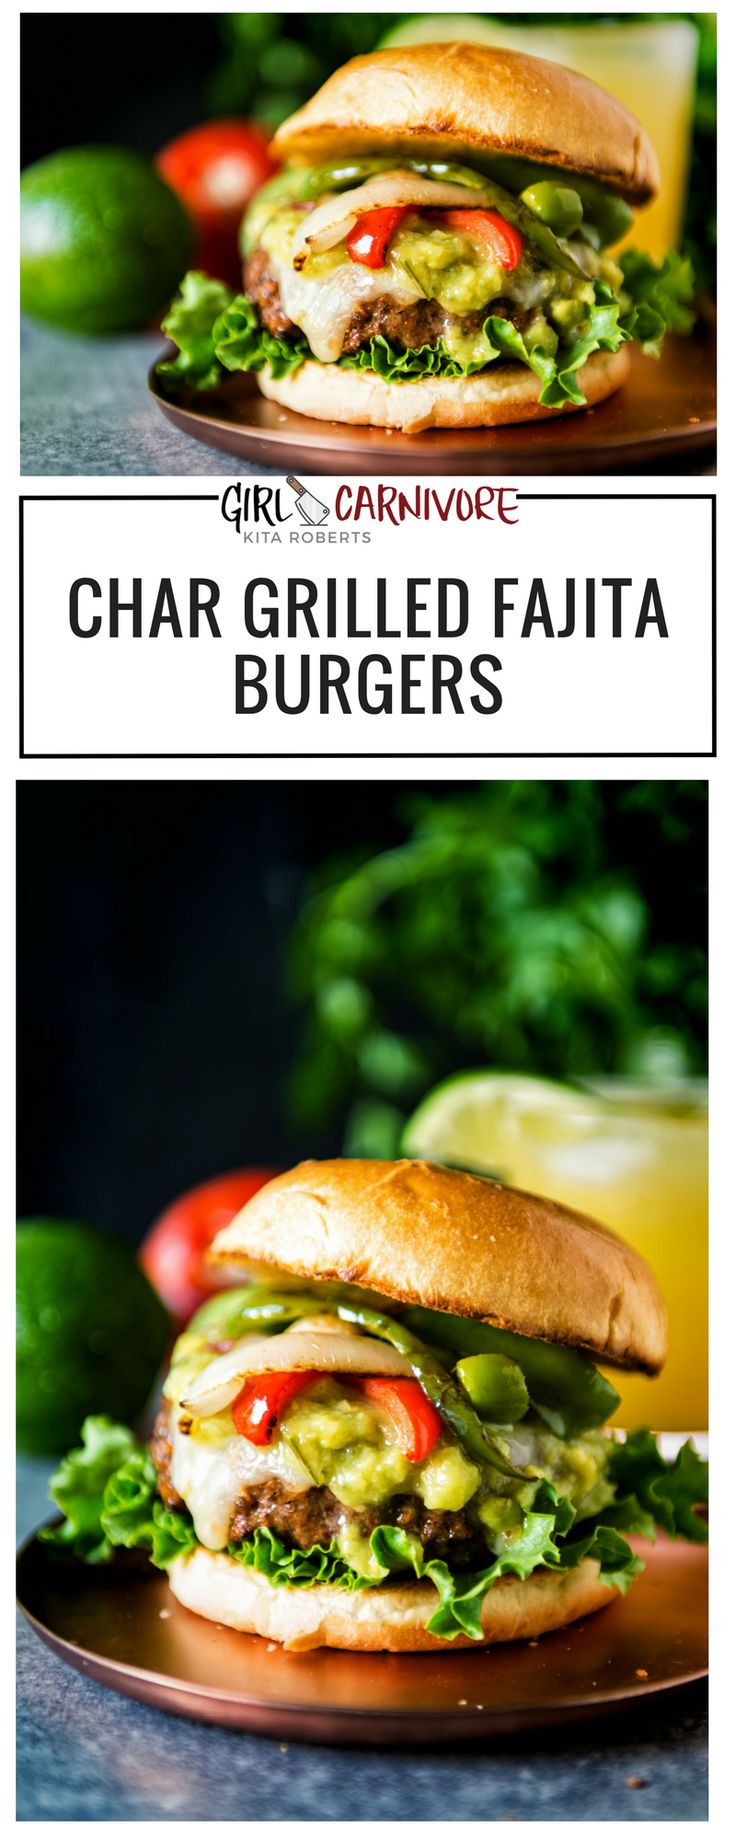 char grilled fajita burgers fajita burgers diet menu carnivore money ...